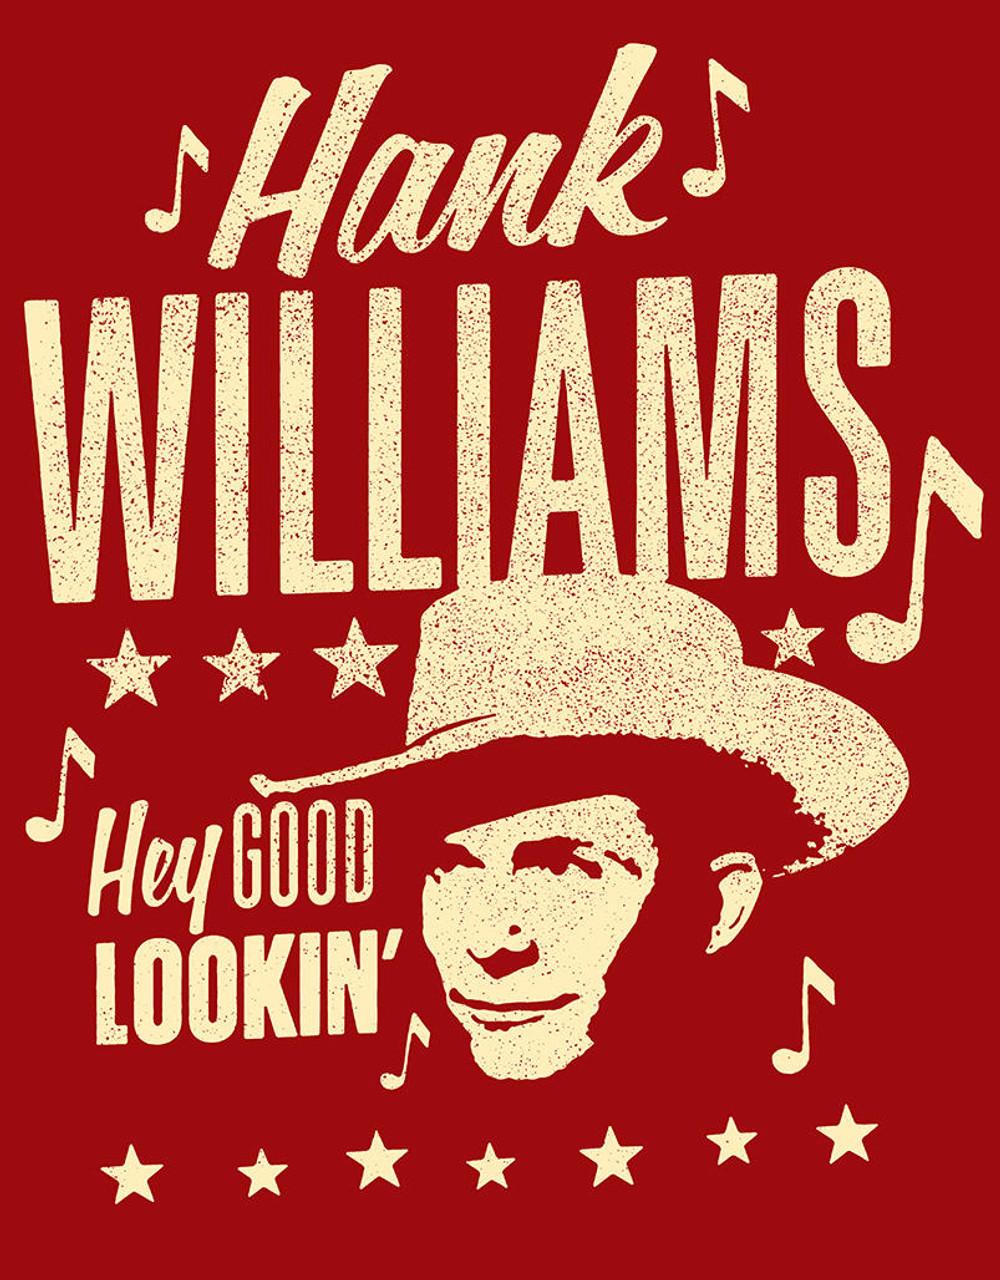 Hank - Good Lookin